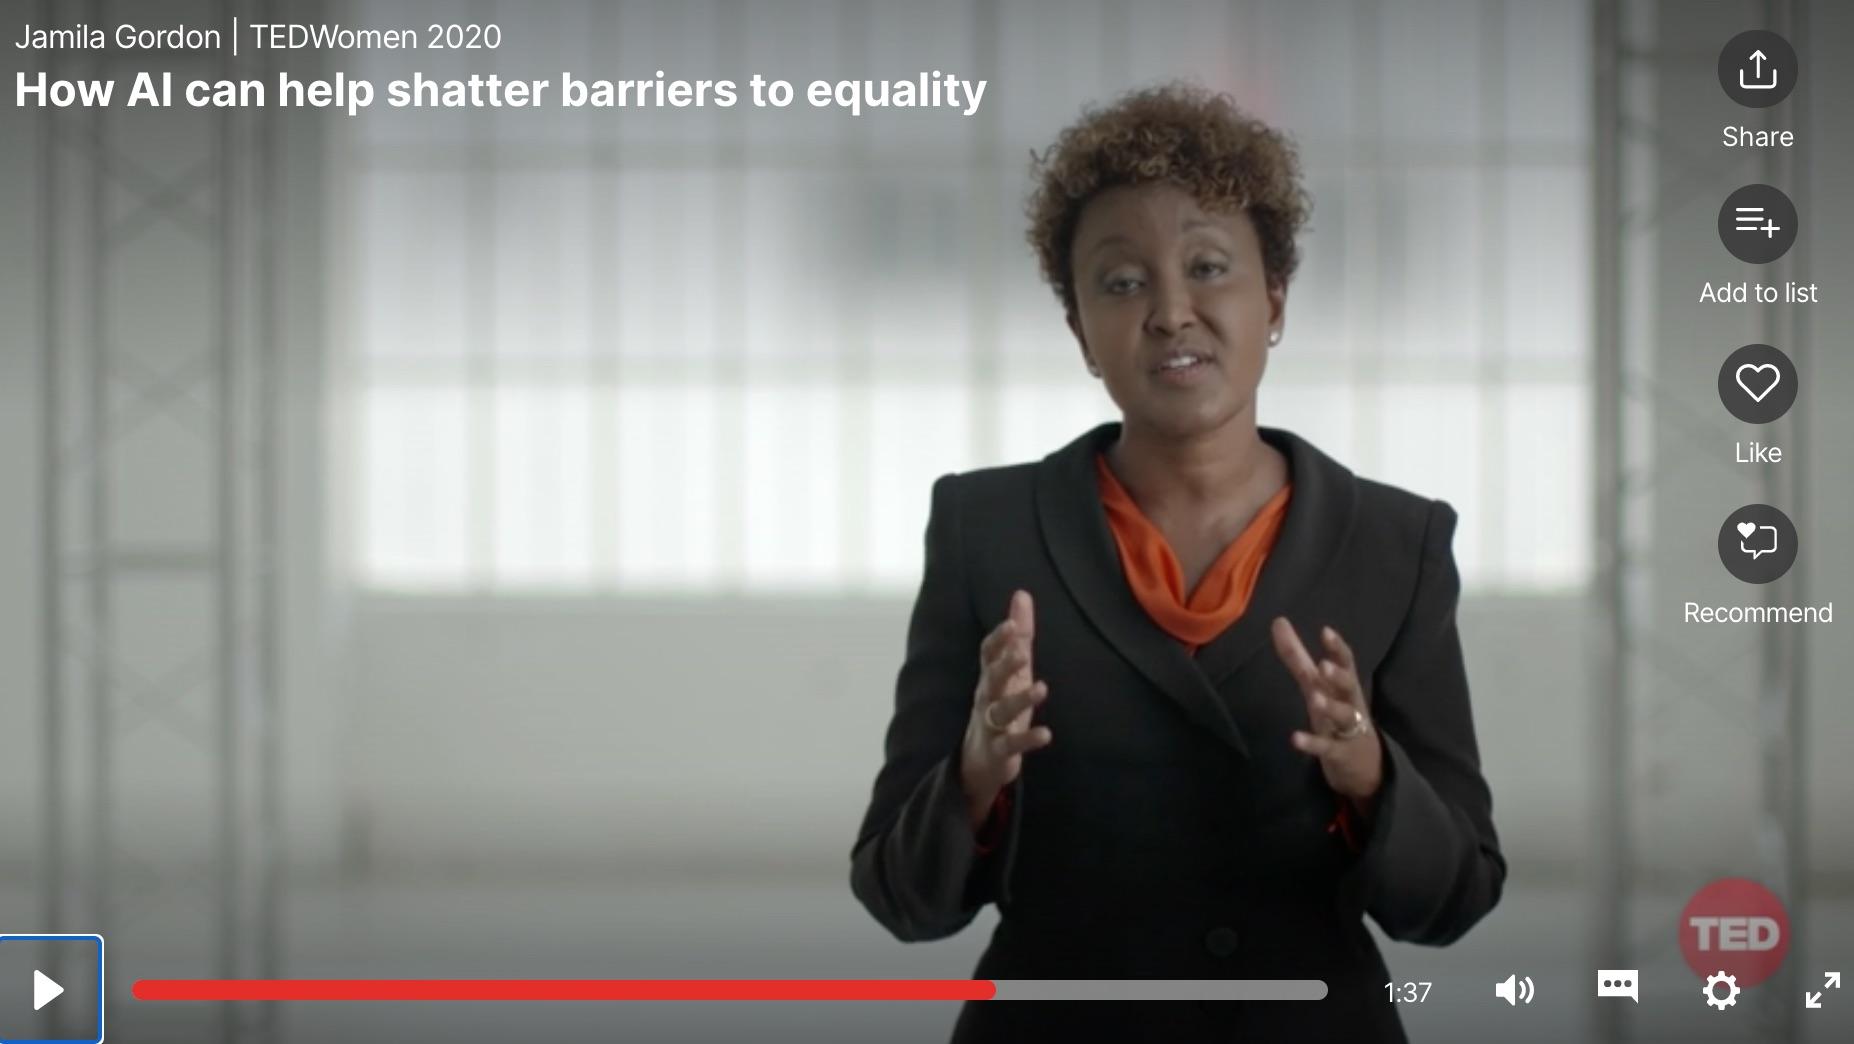 AI and Equality